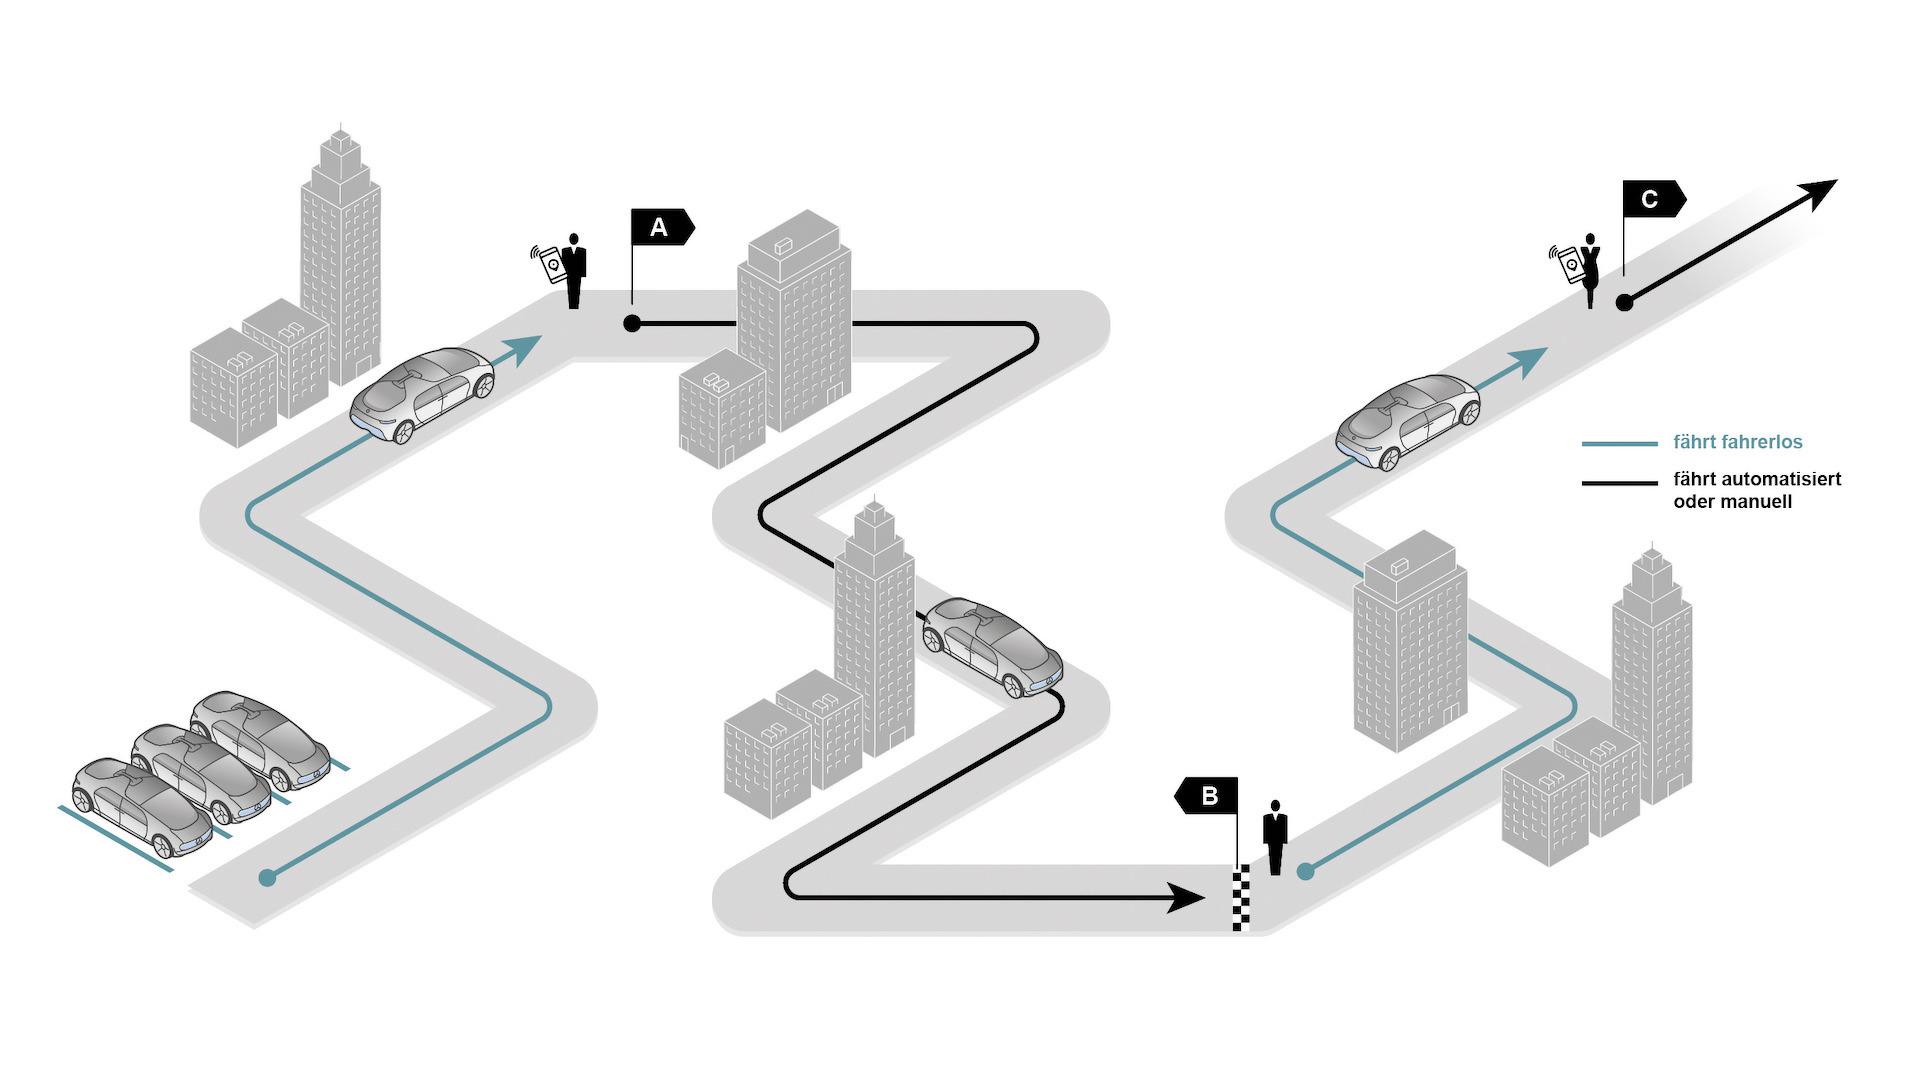 Urbane Mobilität der Zukunft: Robotertaxis als Option für den Individualverkehr ;  Future of urban mobility: Automated taxis as an individual transport option;